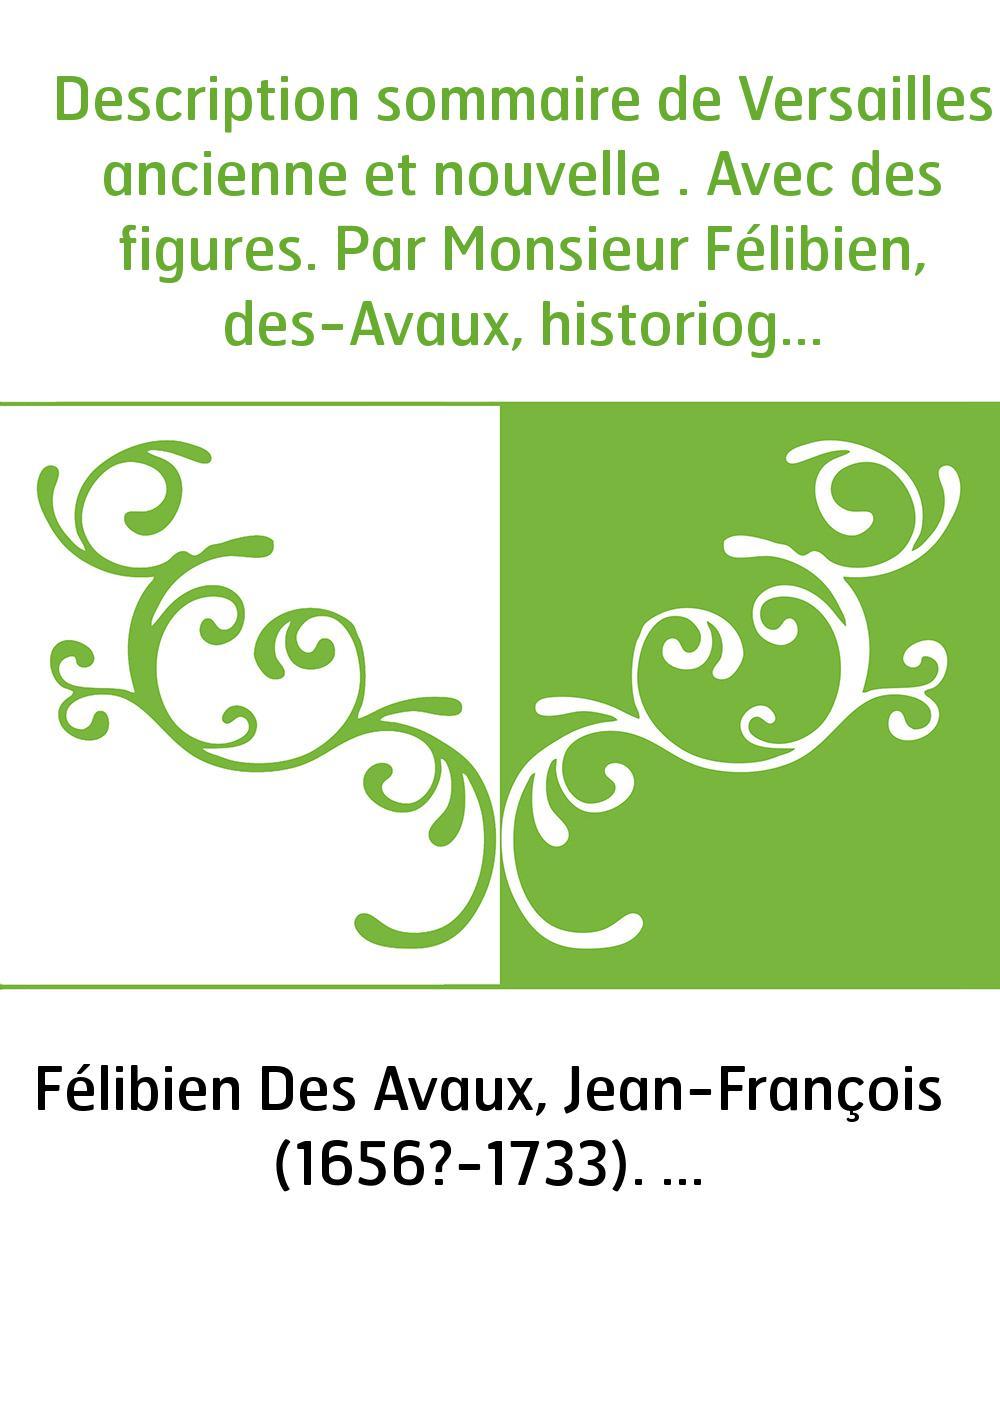 Description sommaire de Versailles ancienne et nouvelle . Avec des figures. Par Monsieur Félibien, des-Avaux, historiographe des